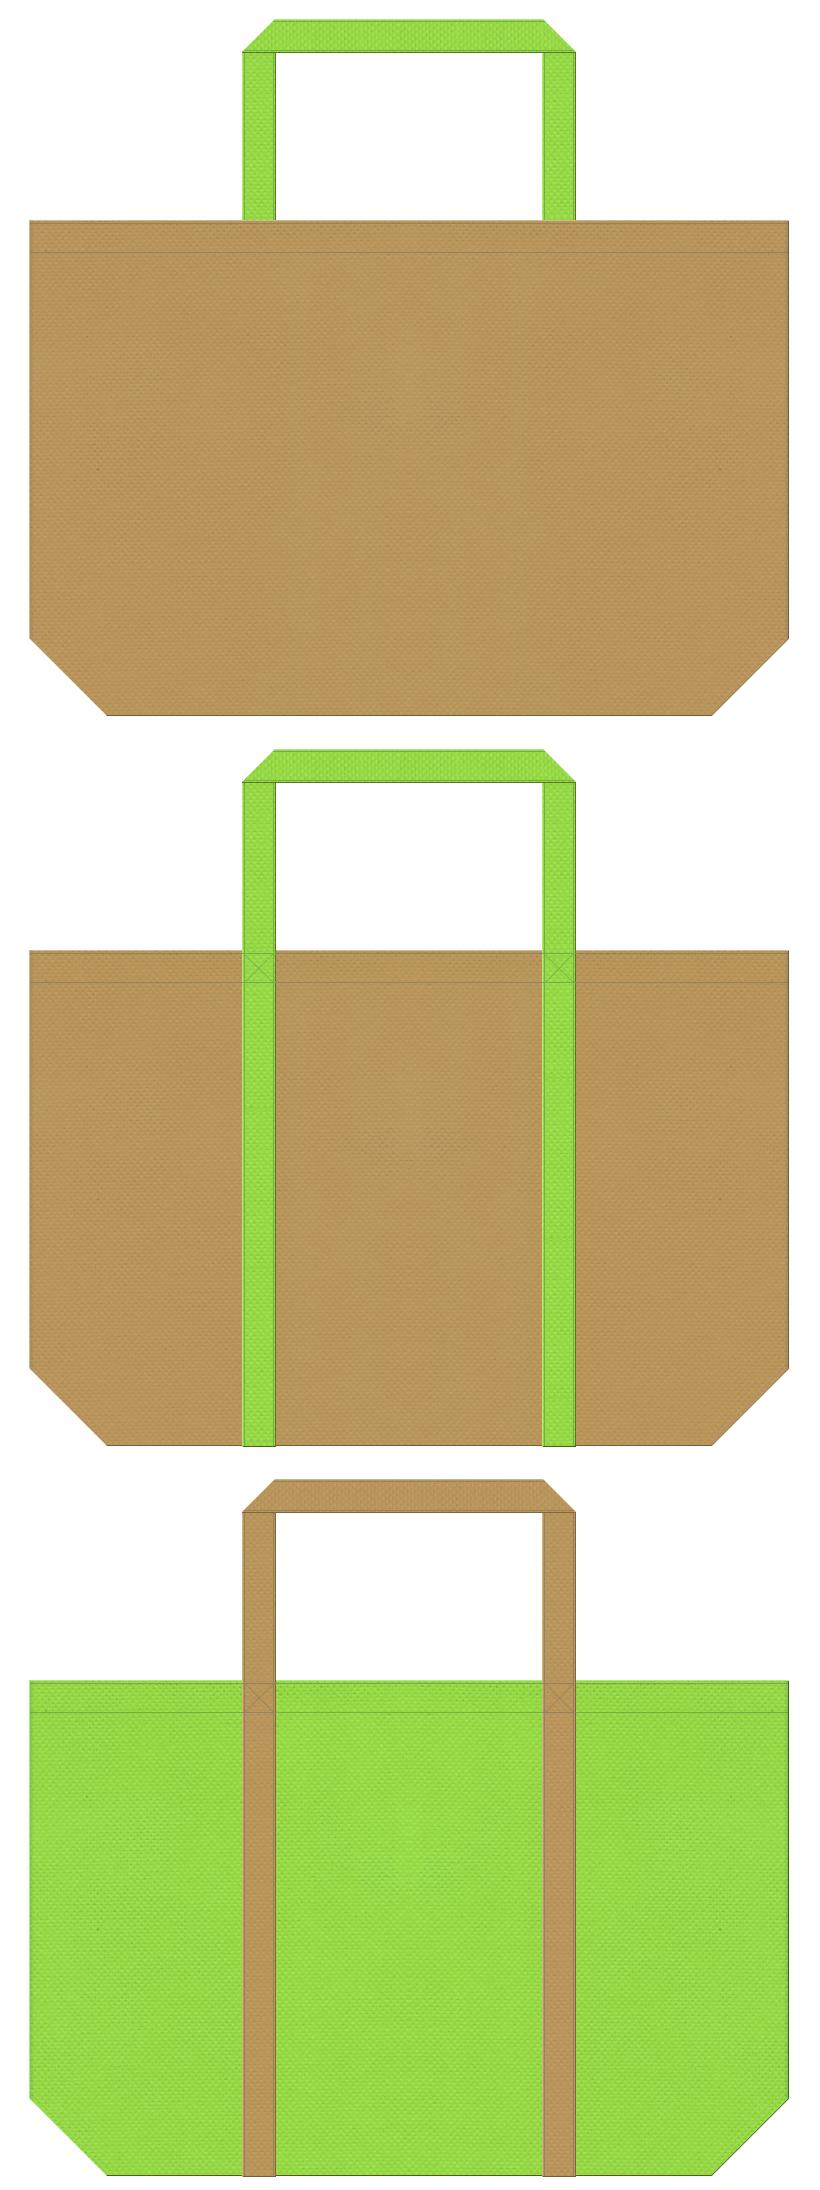 牧場・酪農・農業・肥料・種苗・園芸用品・DIY・キウイフルーツ・産直市場のショッピングバッグにお奨めの不織布バッグデザイン:マスタード色と黄緑色のコーデ